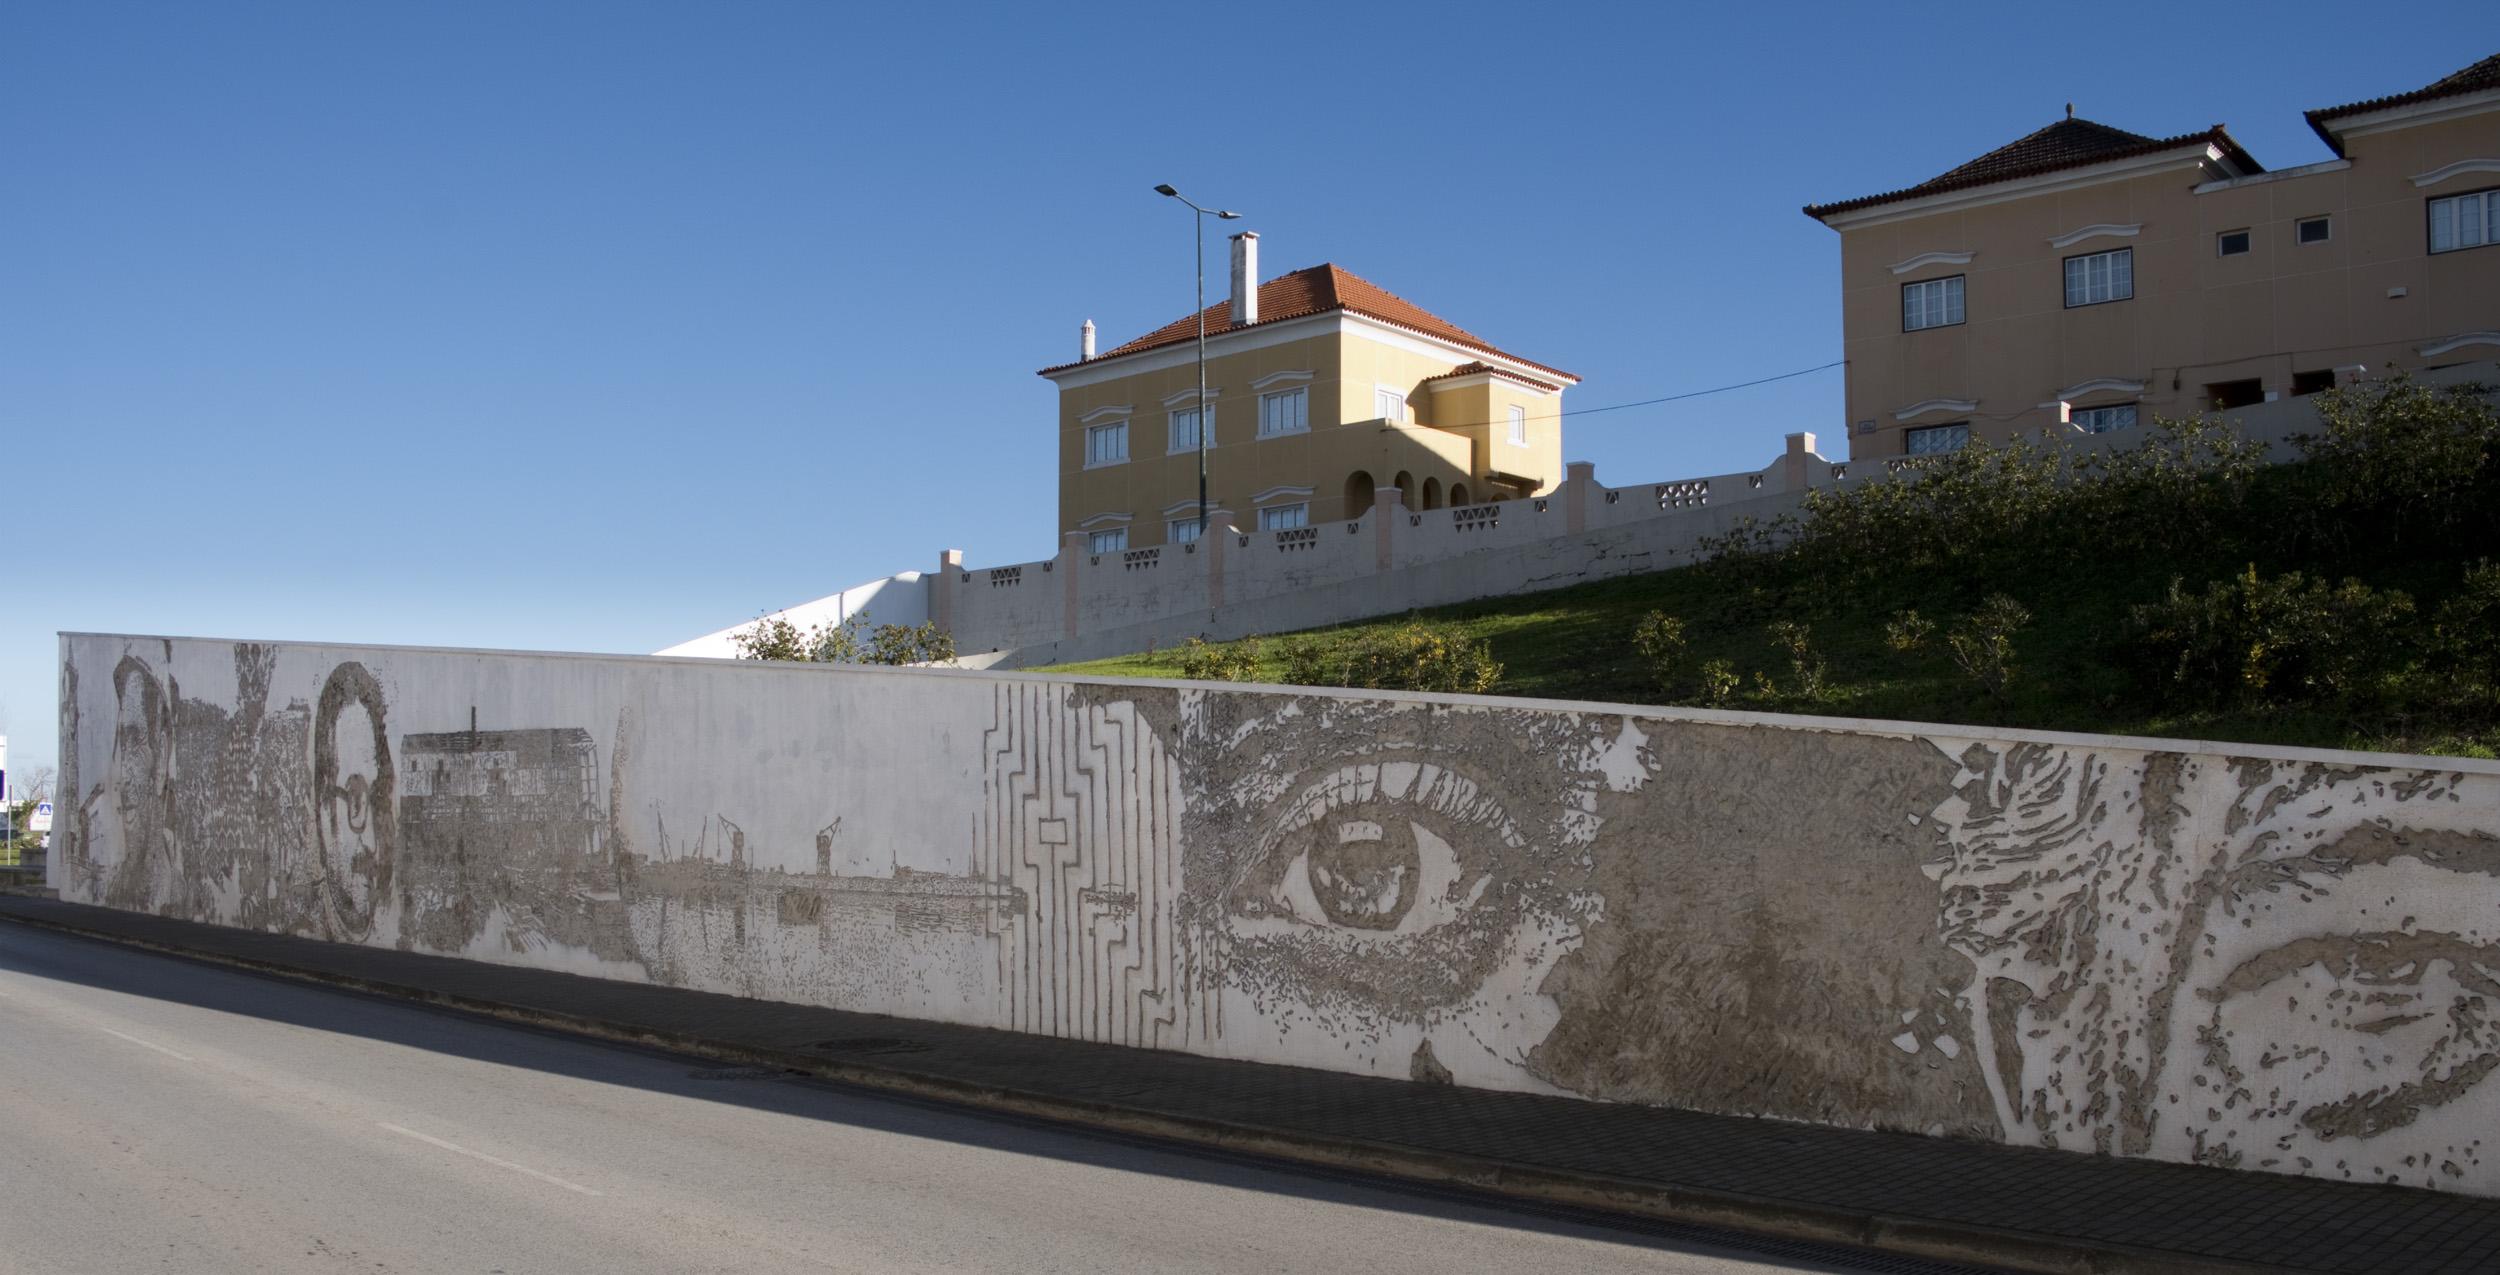 siteg_cuf_roteiro_mural_vhils_dscf8351